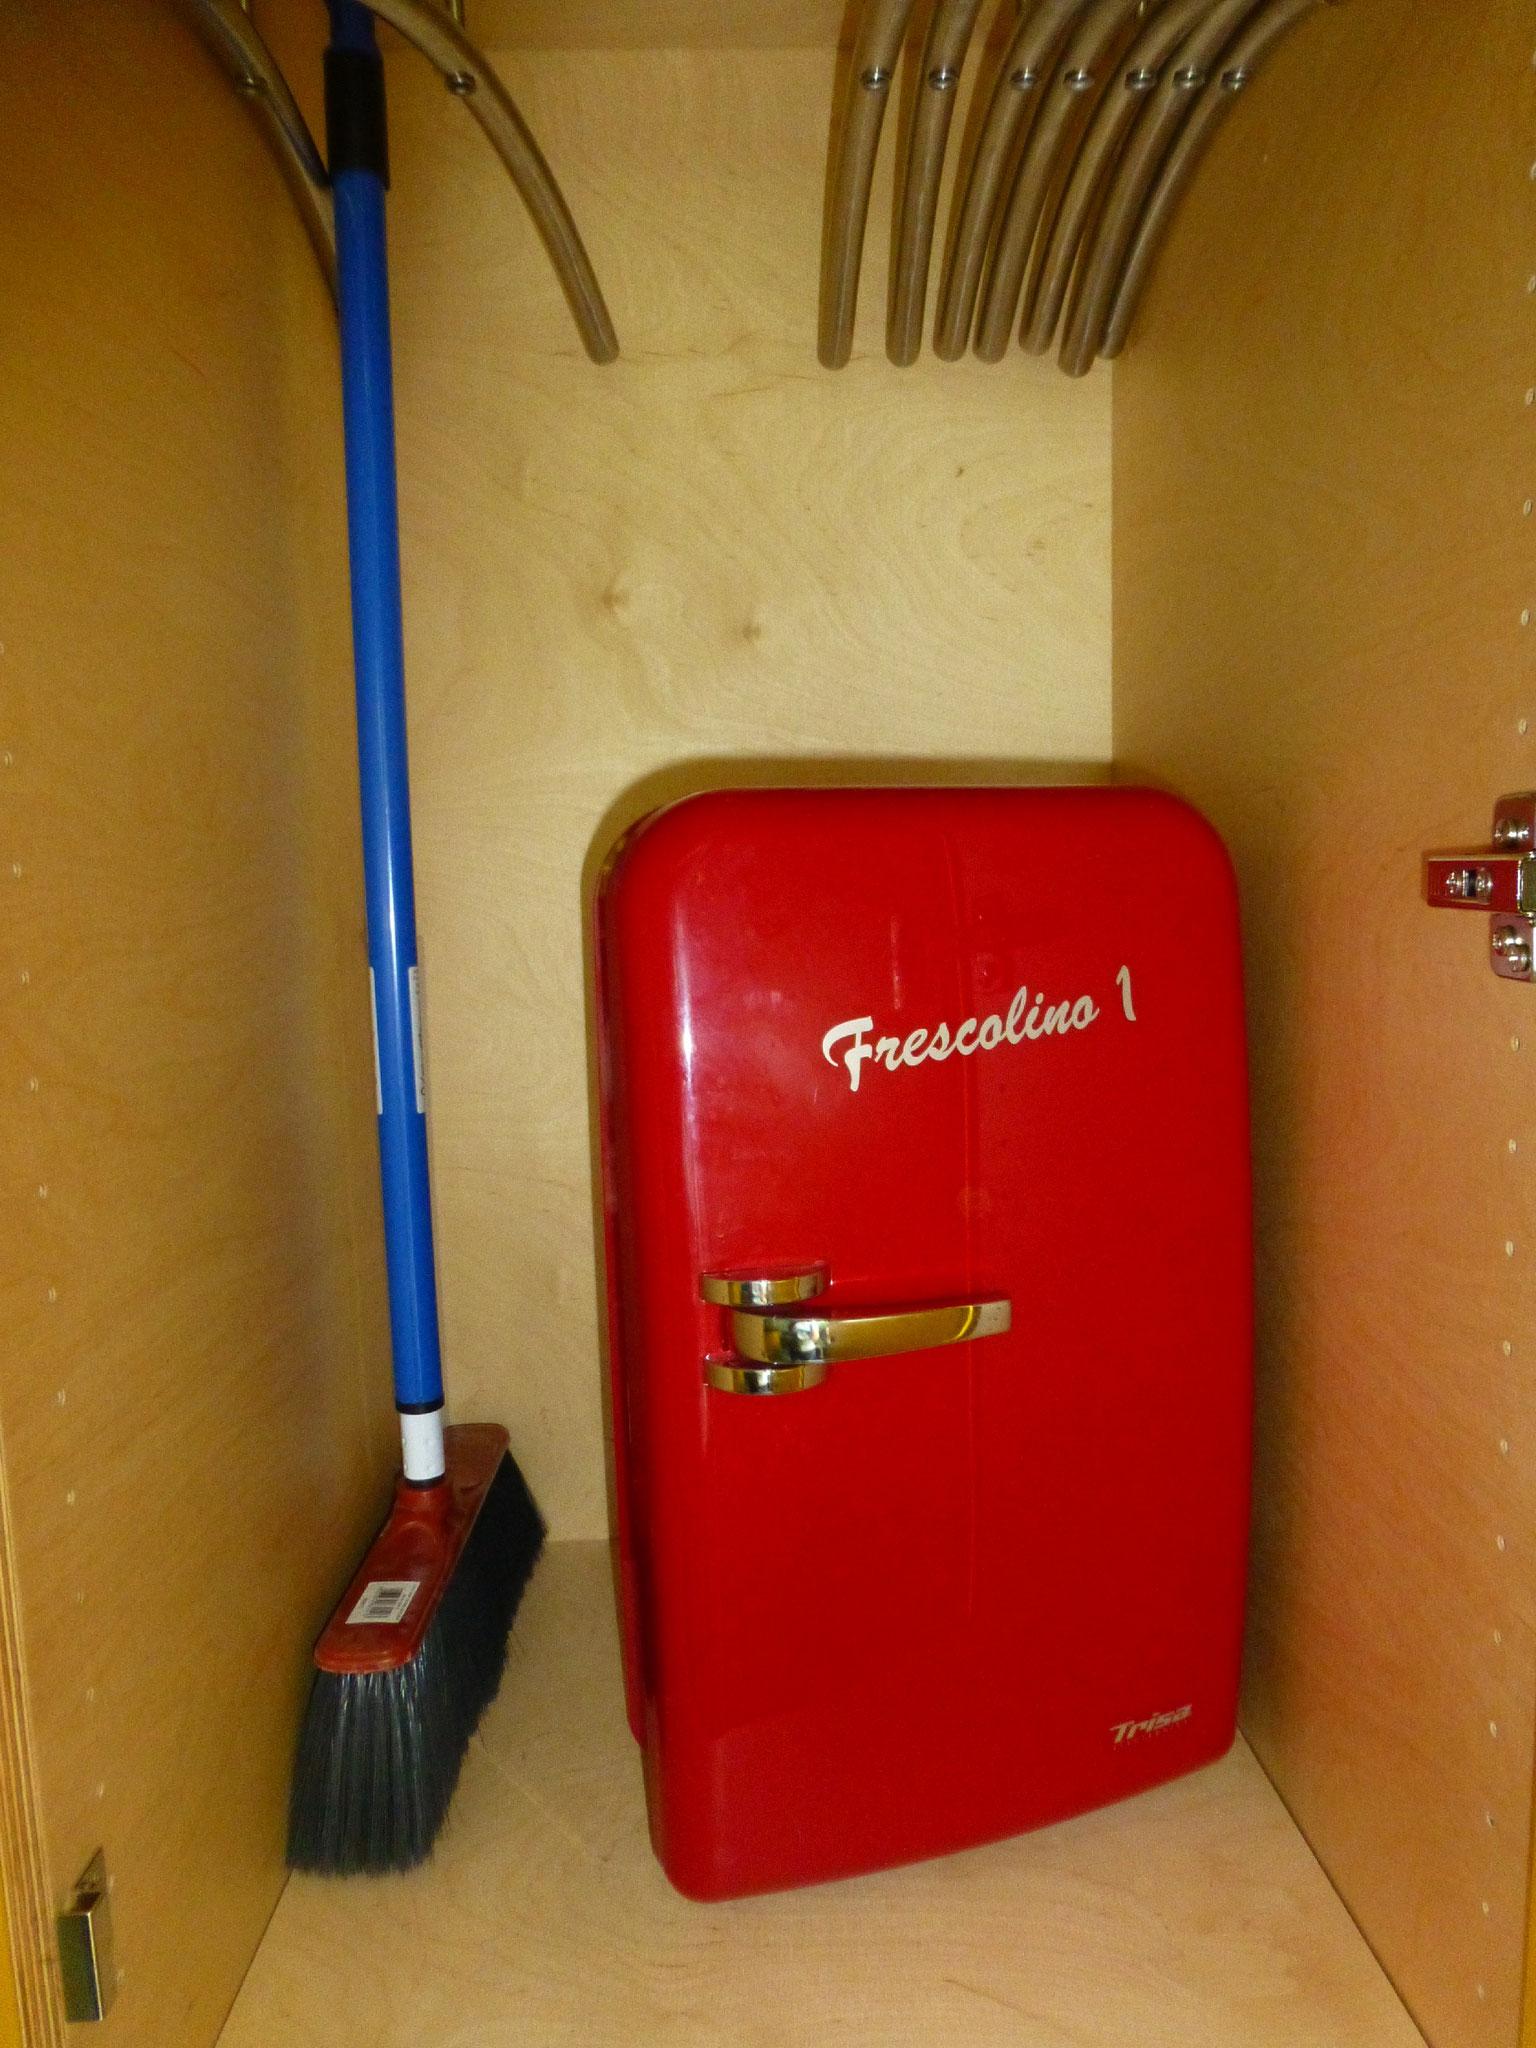 kleiner Kühlschrank - auch geeignet, um Eiswürfel kalt zu halten